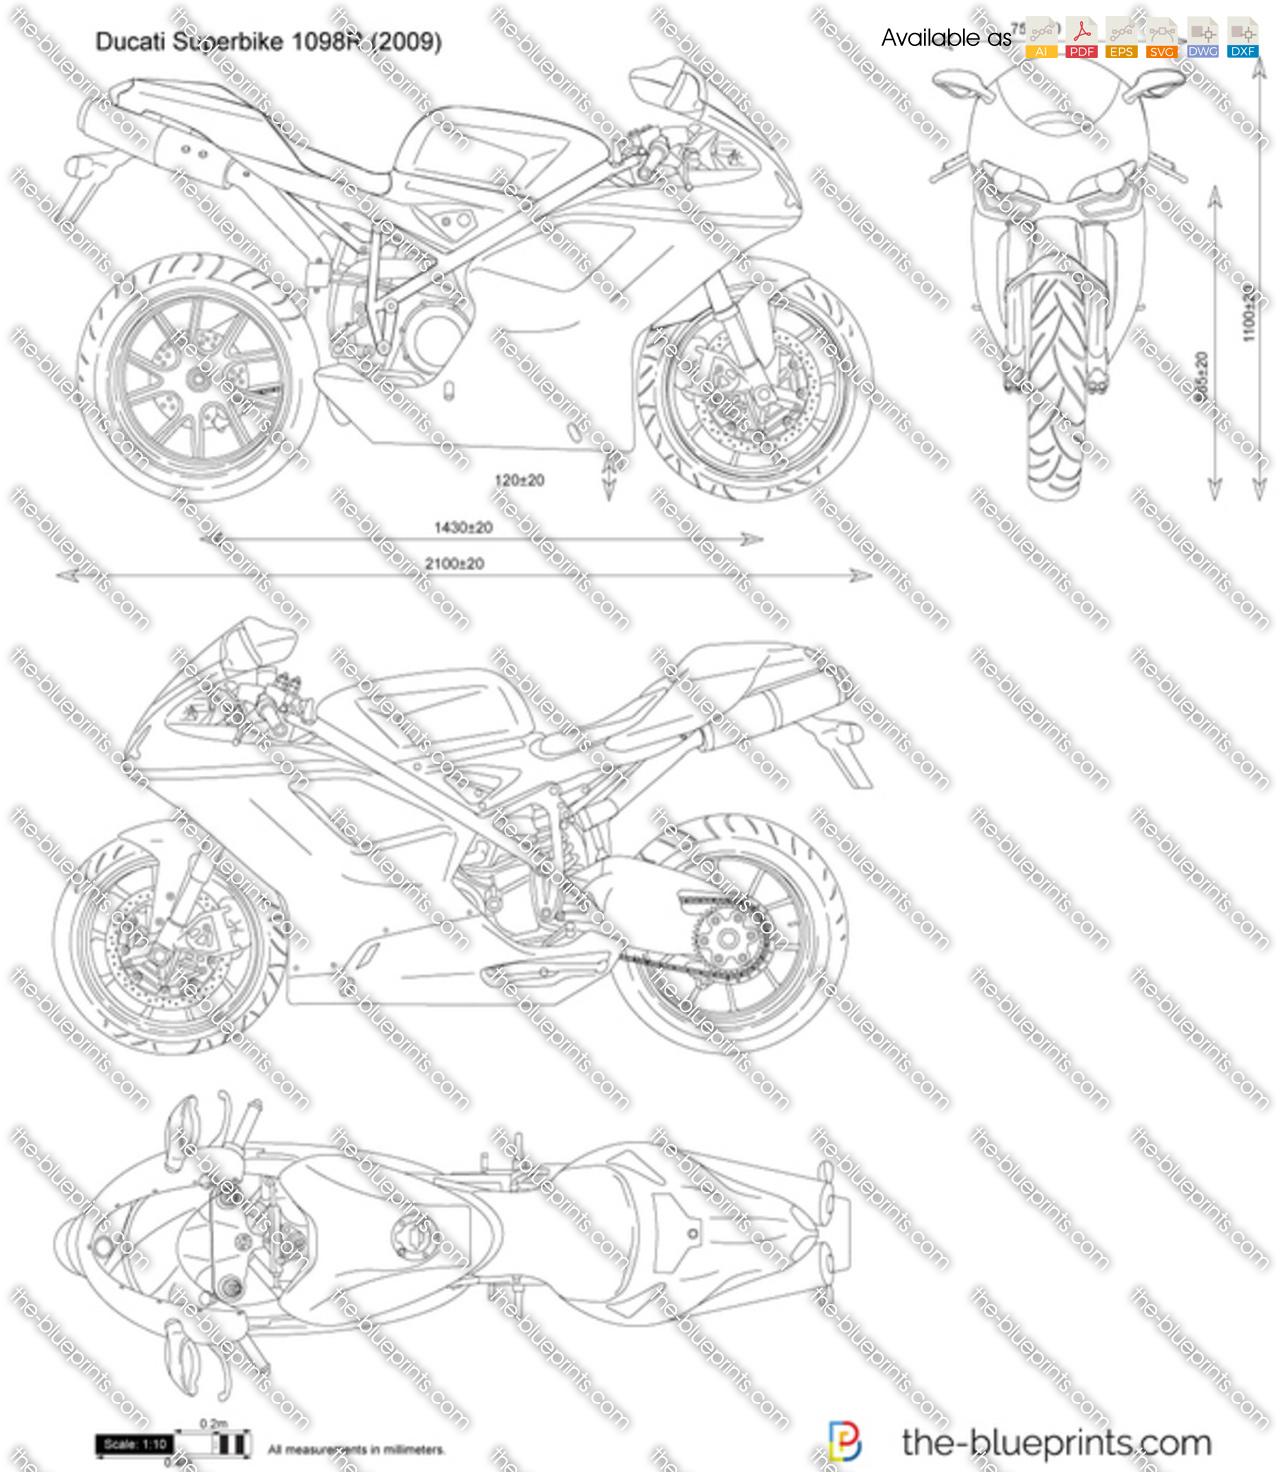 Ducati Superbike 1098R vector drawing